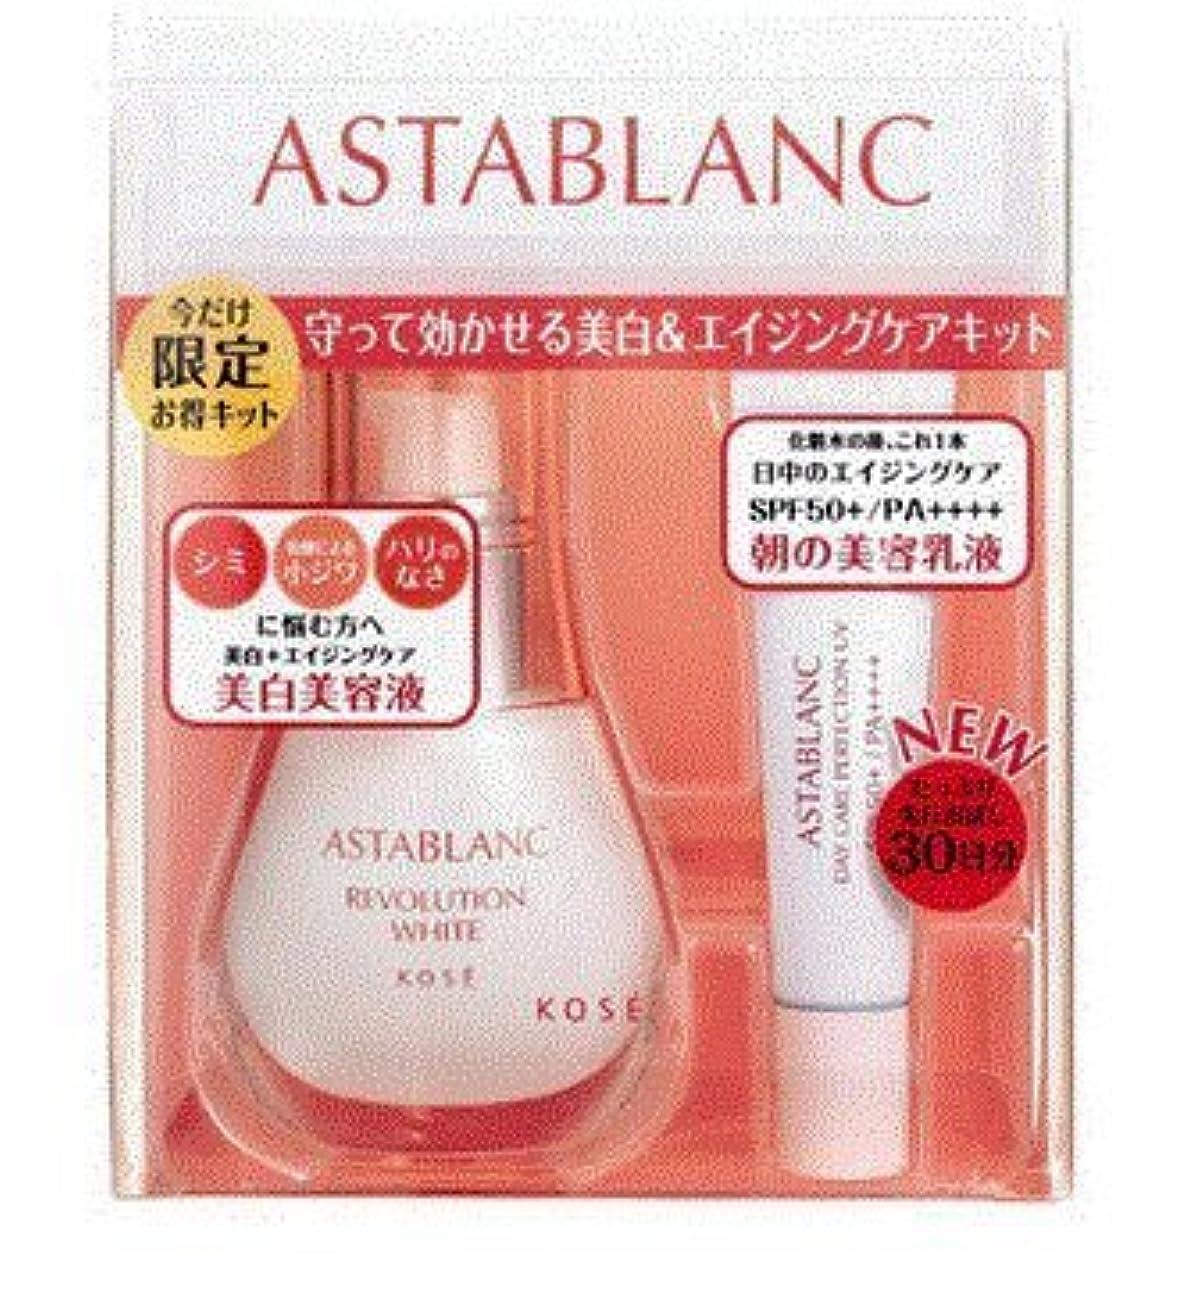 わずかに保証オーケストラコーセー アスタブラン レボリューション ホワイト 限定キット 美白美容液30ml +日中用美白美容乳液 15ml